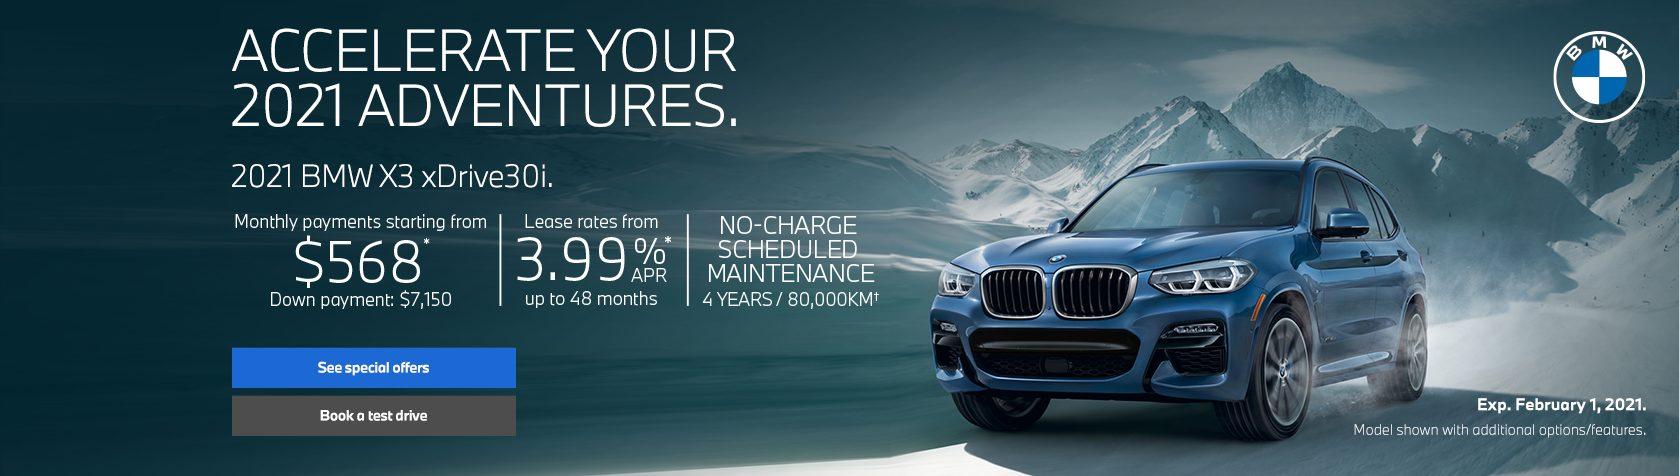 BMW X3 offers